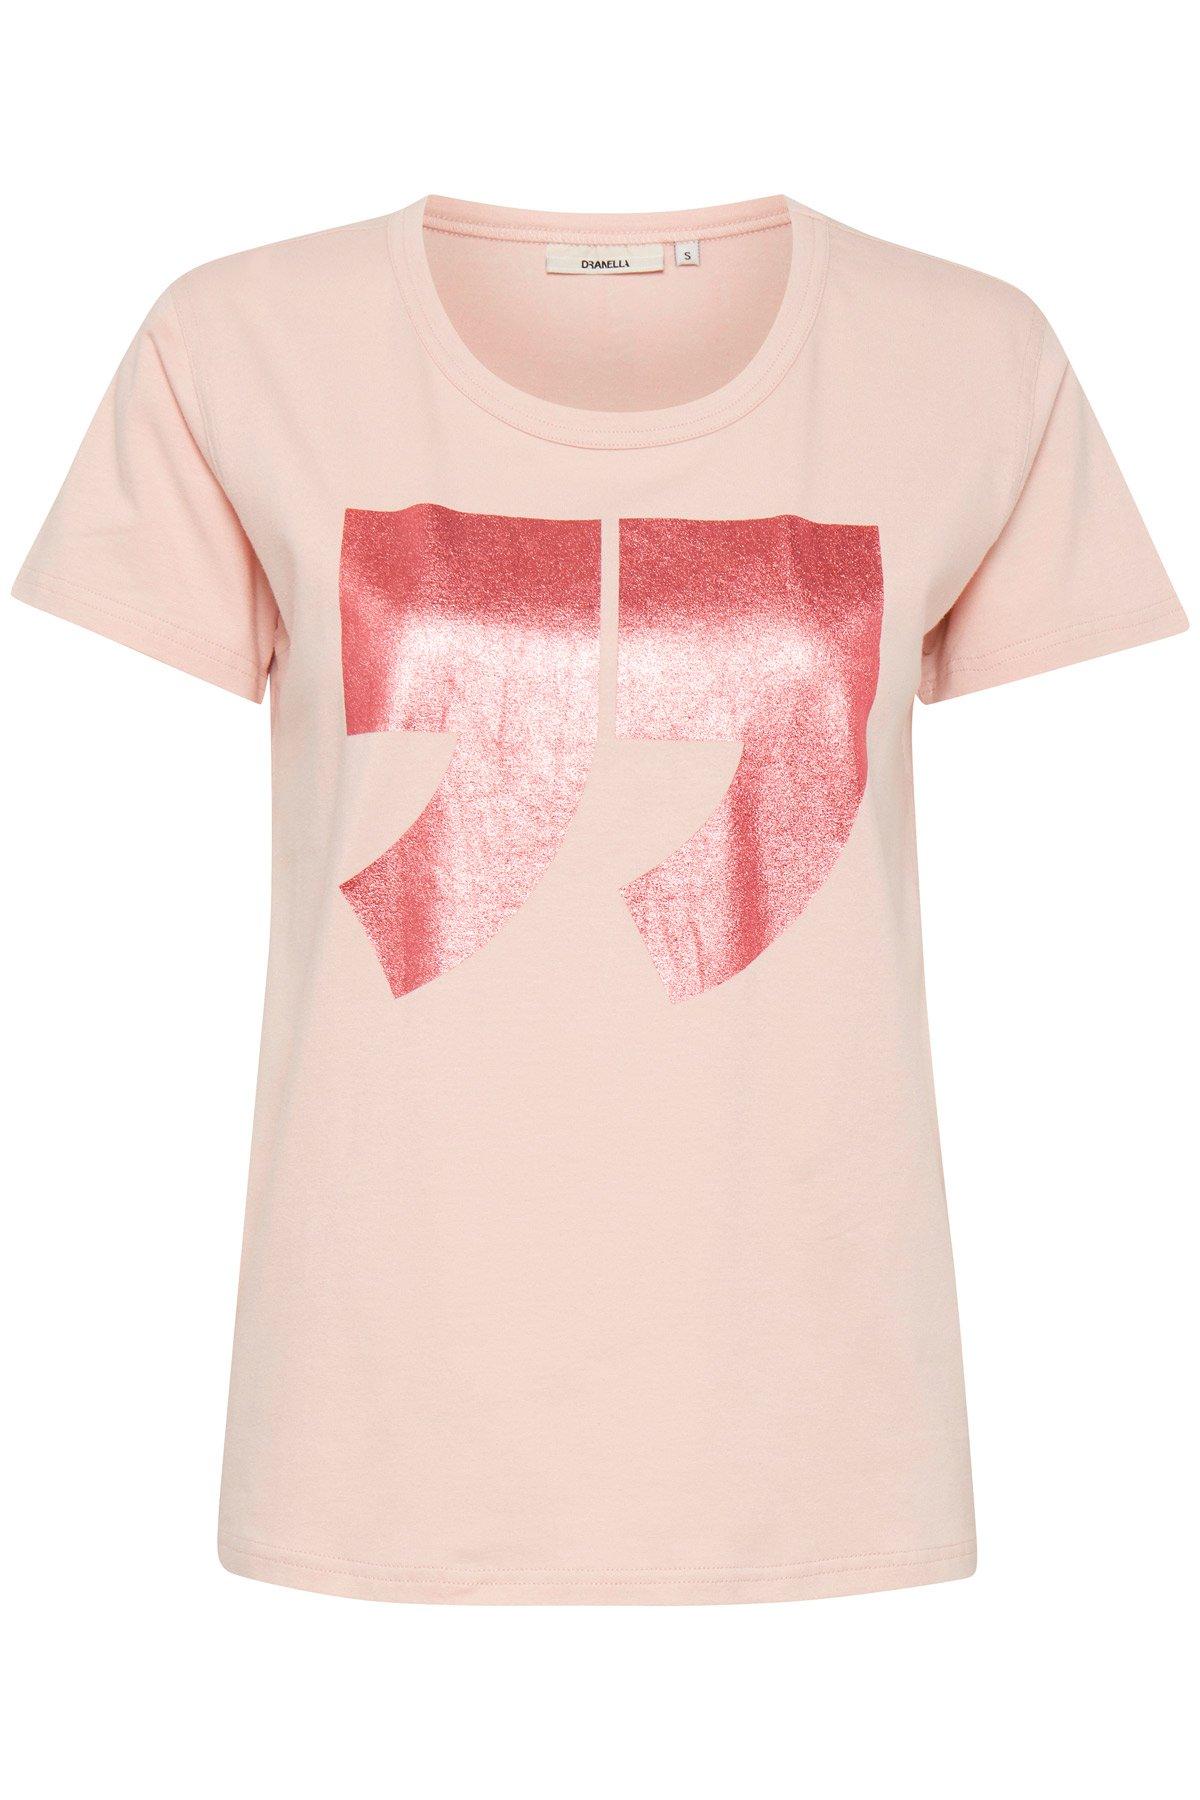 Rosa/pink Kortærmet T-shirt fra Dranella – Køb Rosa/pink Kortærmet T-shirt fra str. XS-XXL her